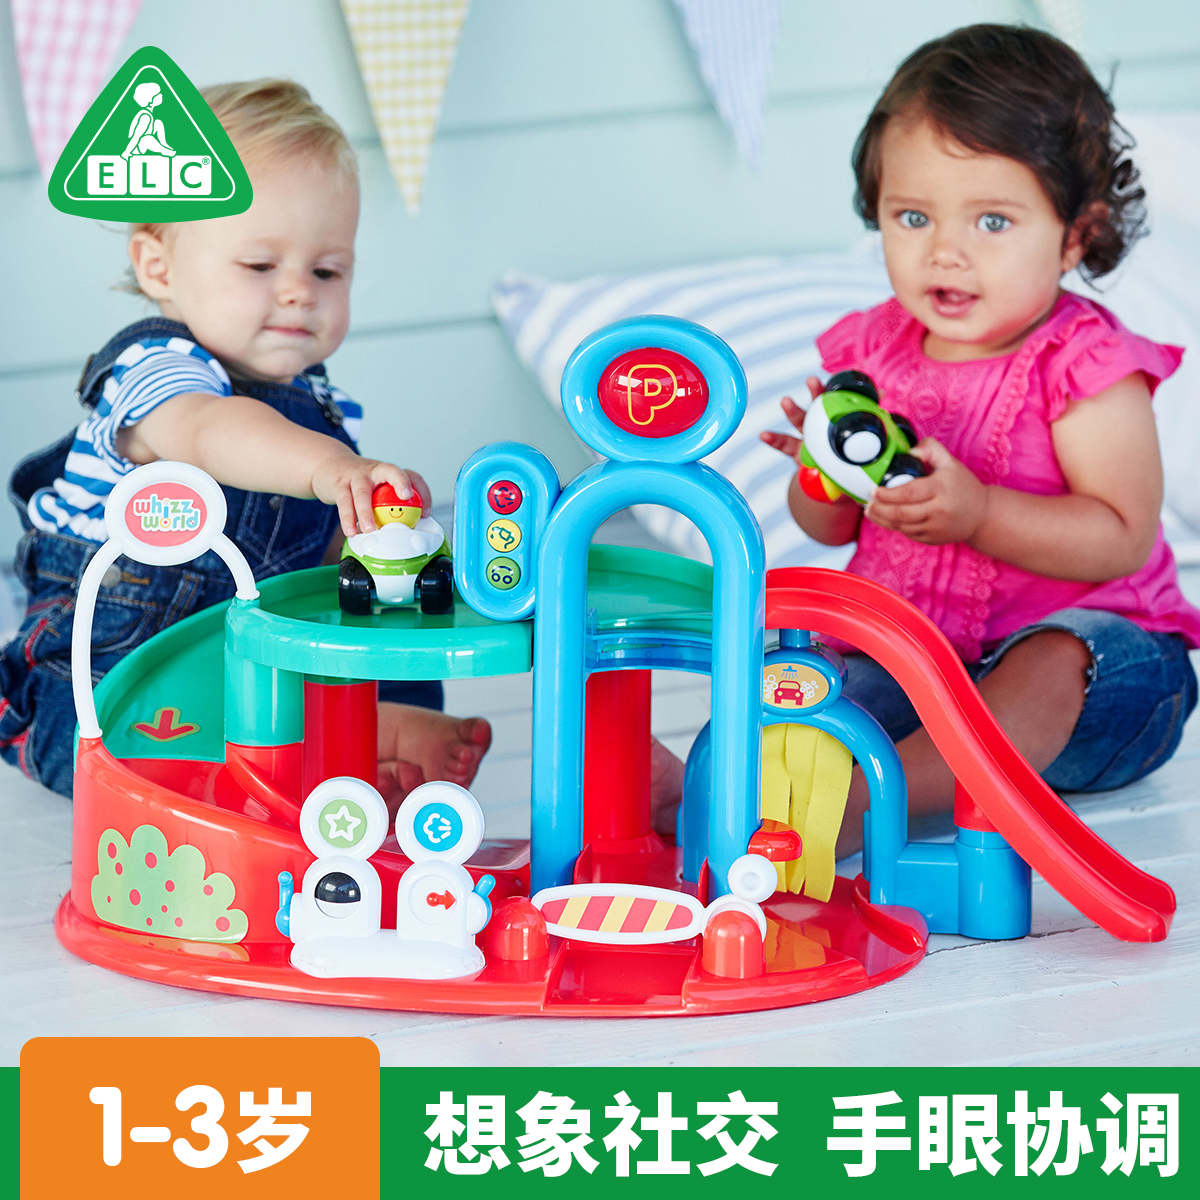 ELC великобритания младенец младенец обучения в раннем возрасте головоломка игрушка ребенок головоломка слайды гоночный поворот поворот парковка поле комбинированный набор